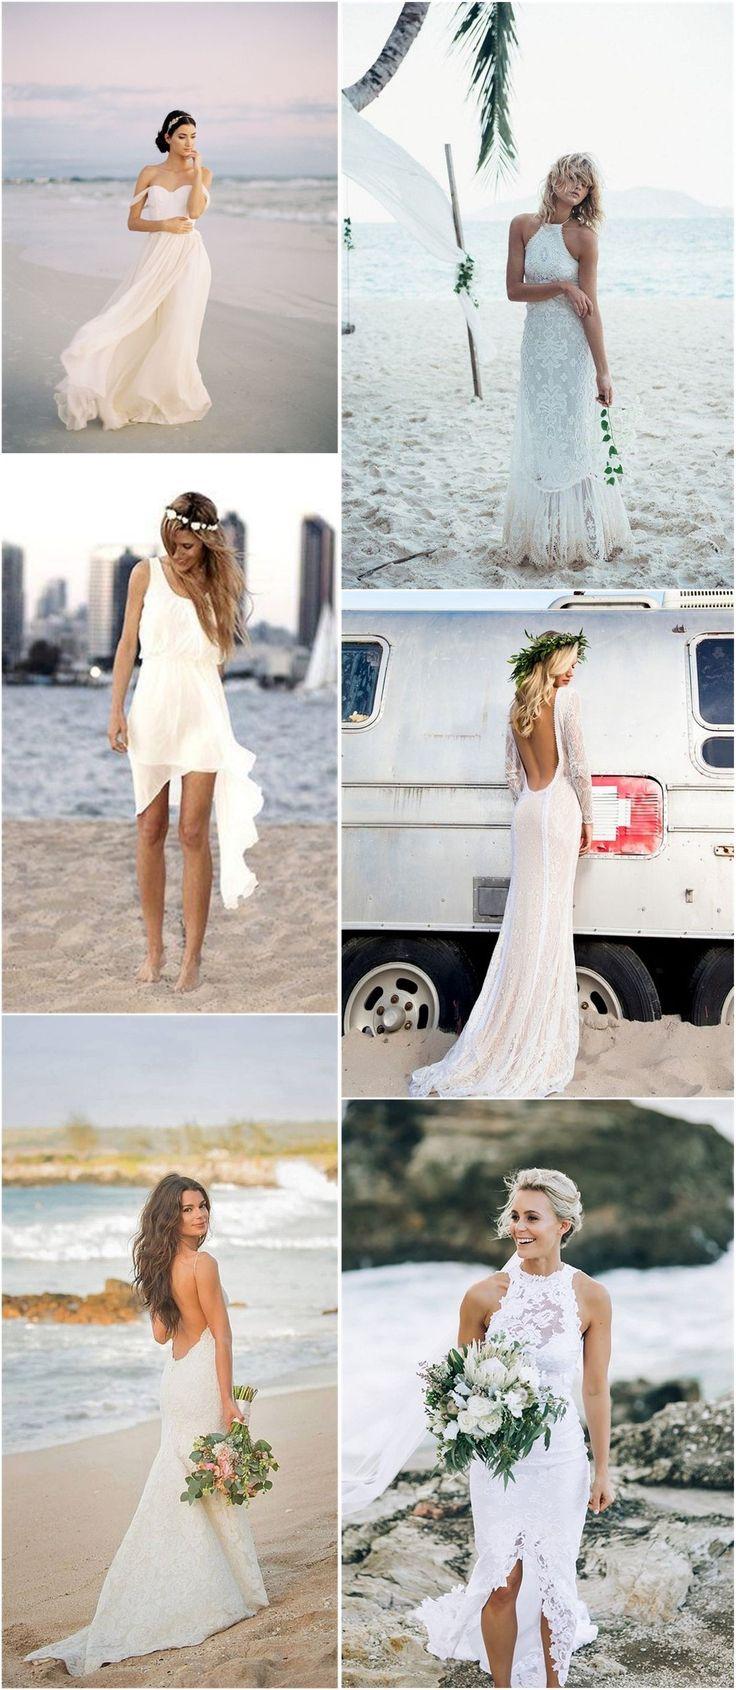 79231987aee9befafe55336e7175cd59  wedding dresses summer outdoor diy beach wedding ideas - best beach wedding photos